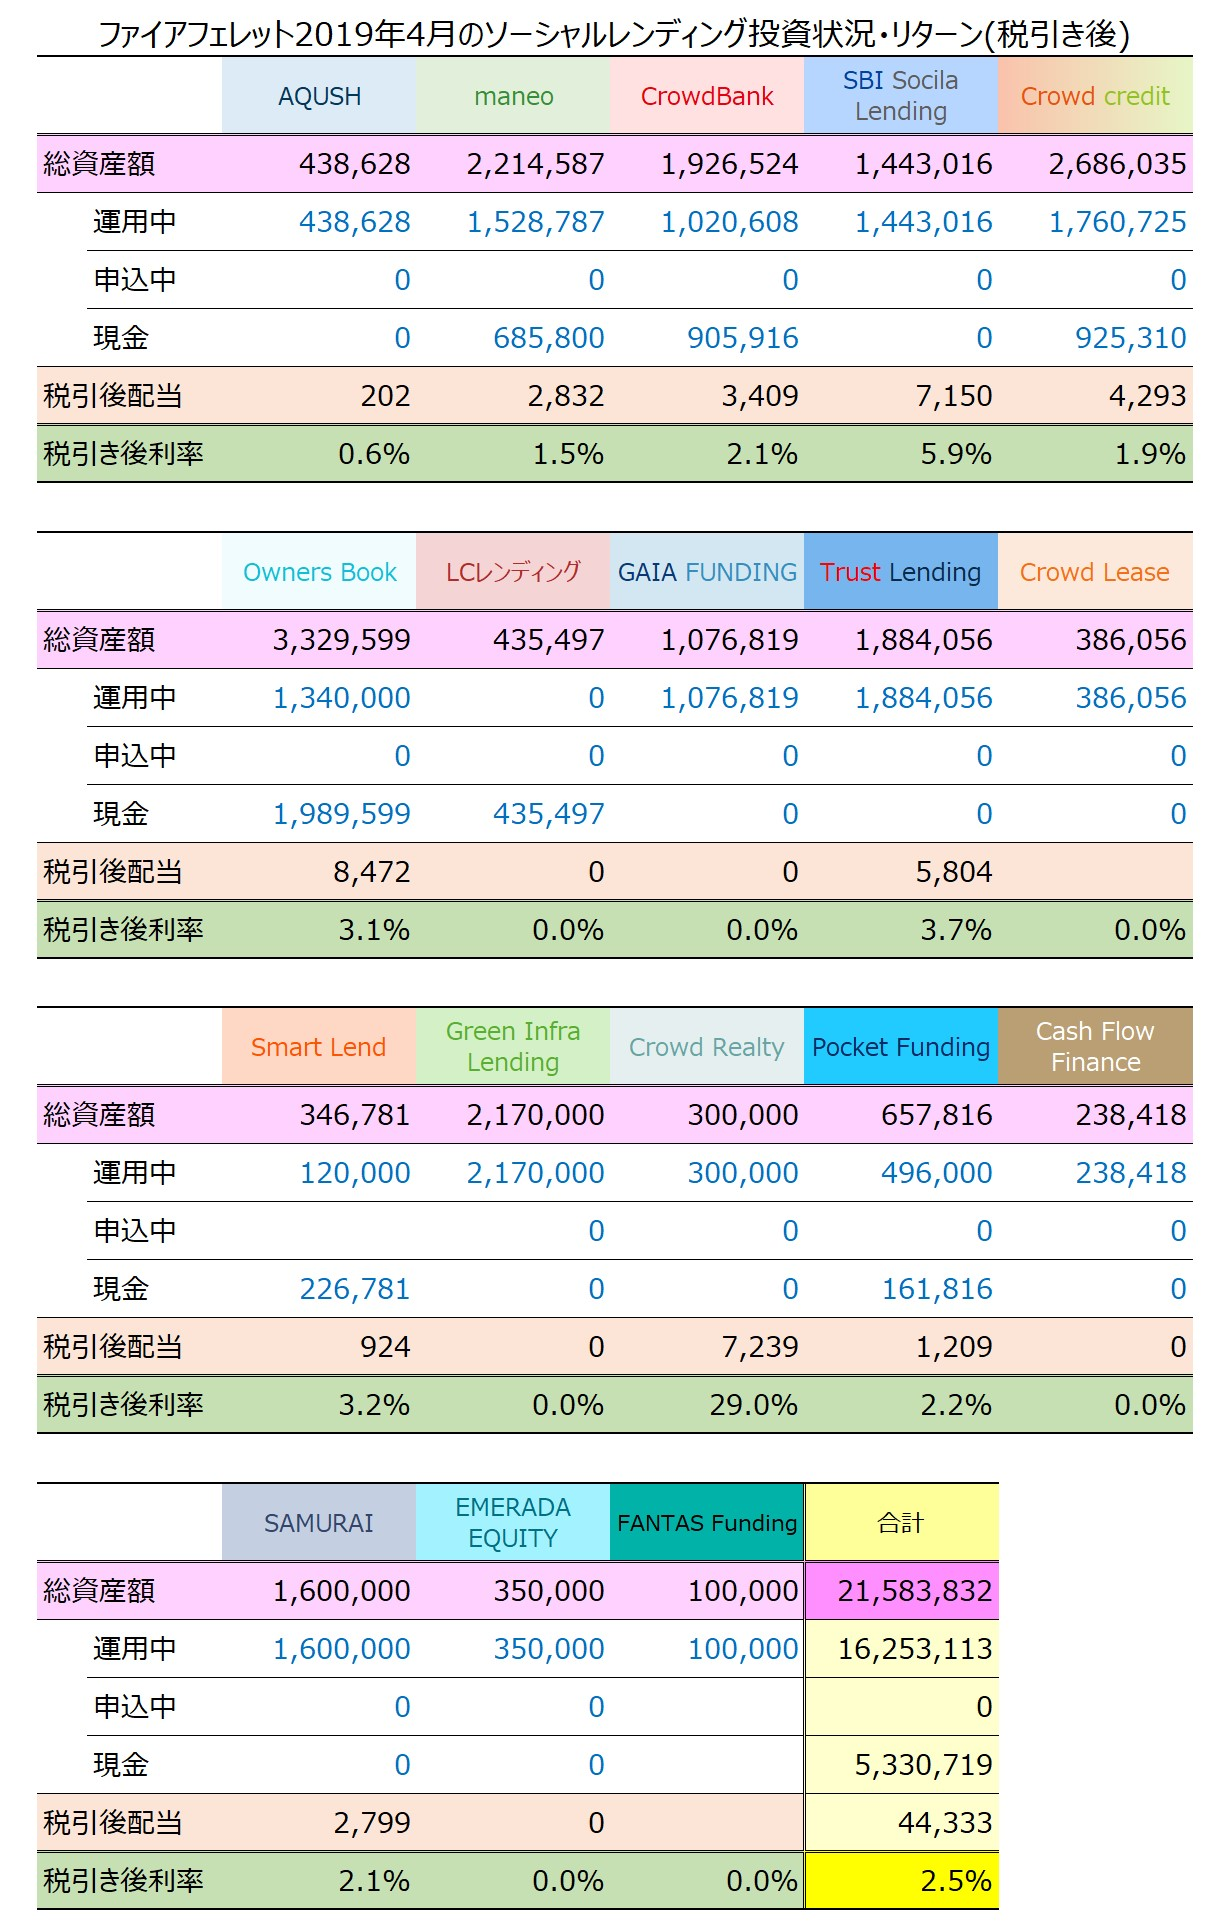 ファイアフェレット2019年4月のソーシャルレンディング投資状況・リターン(税引き後